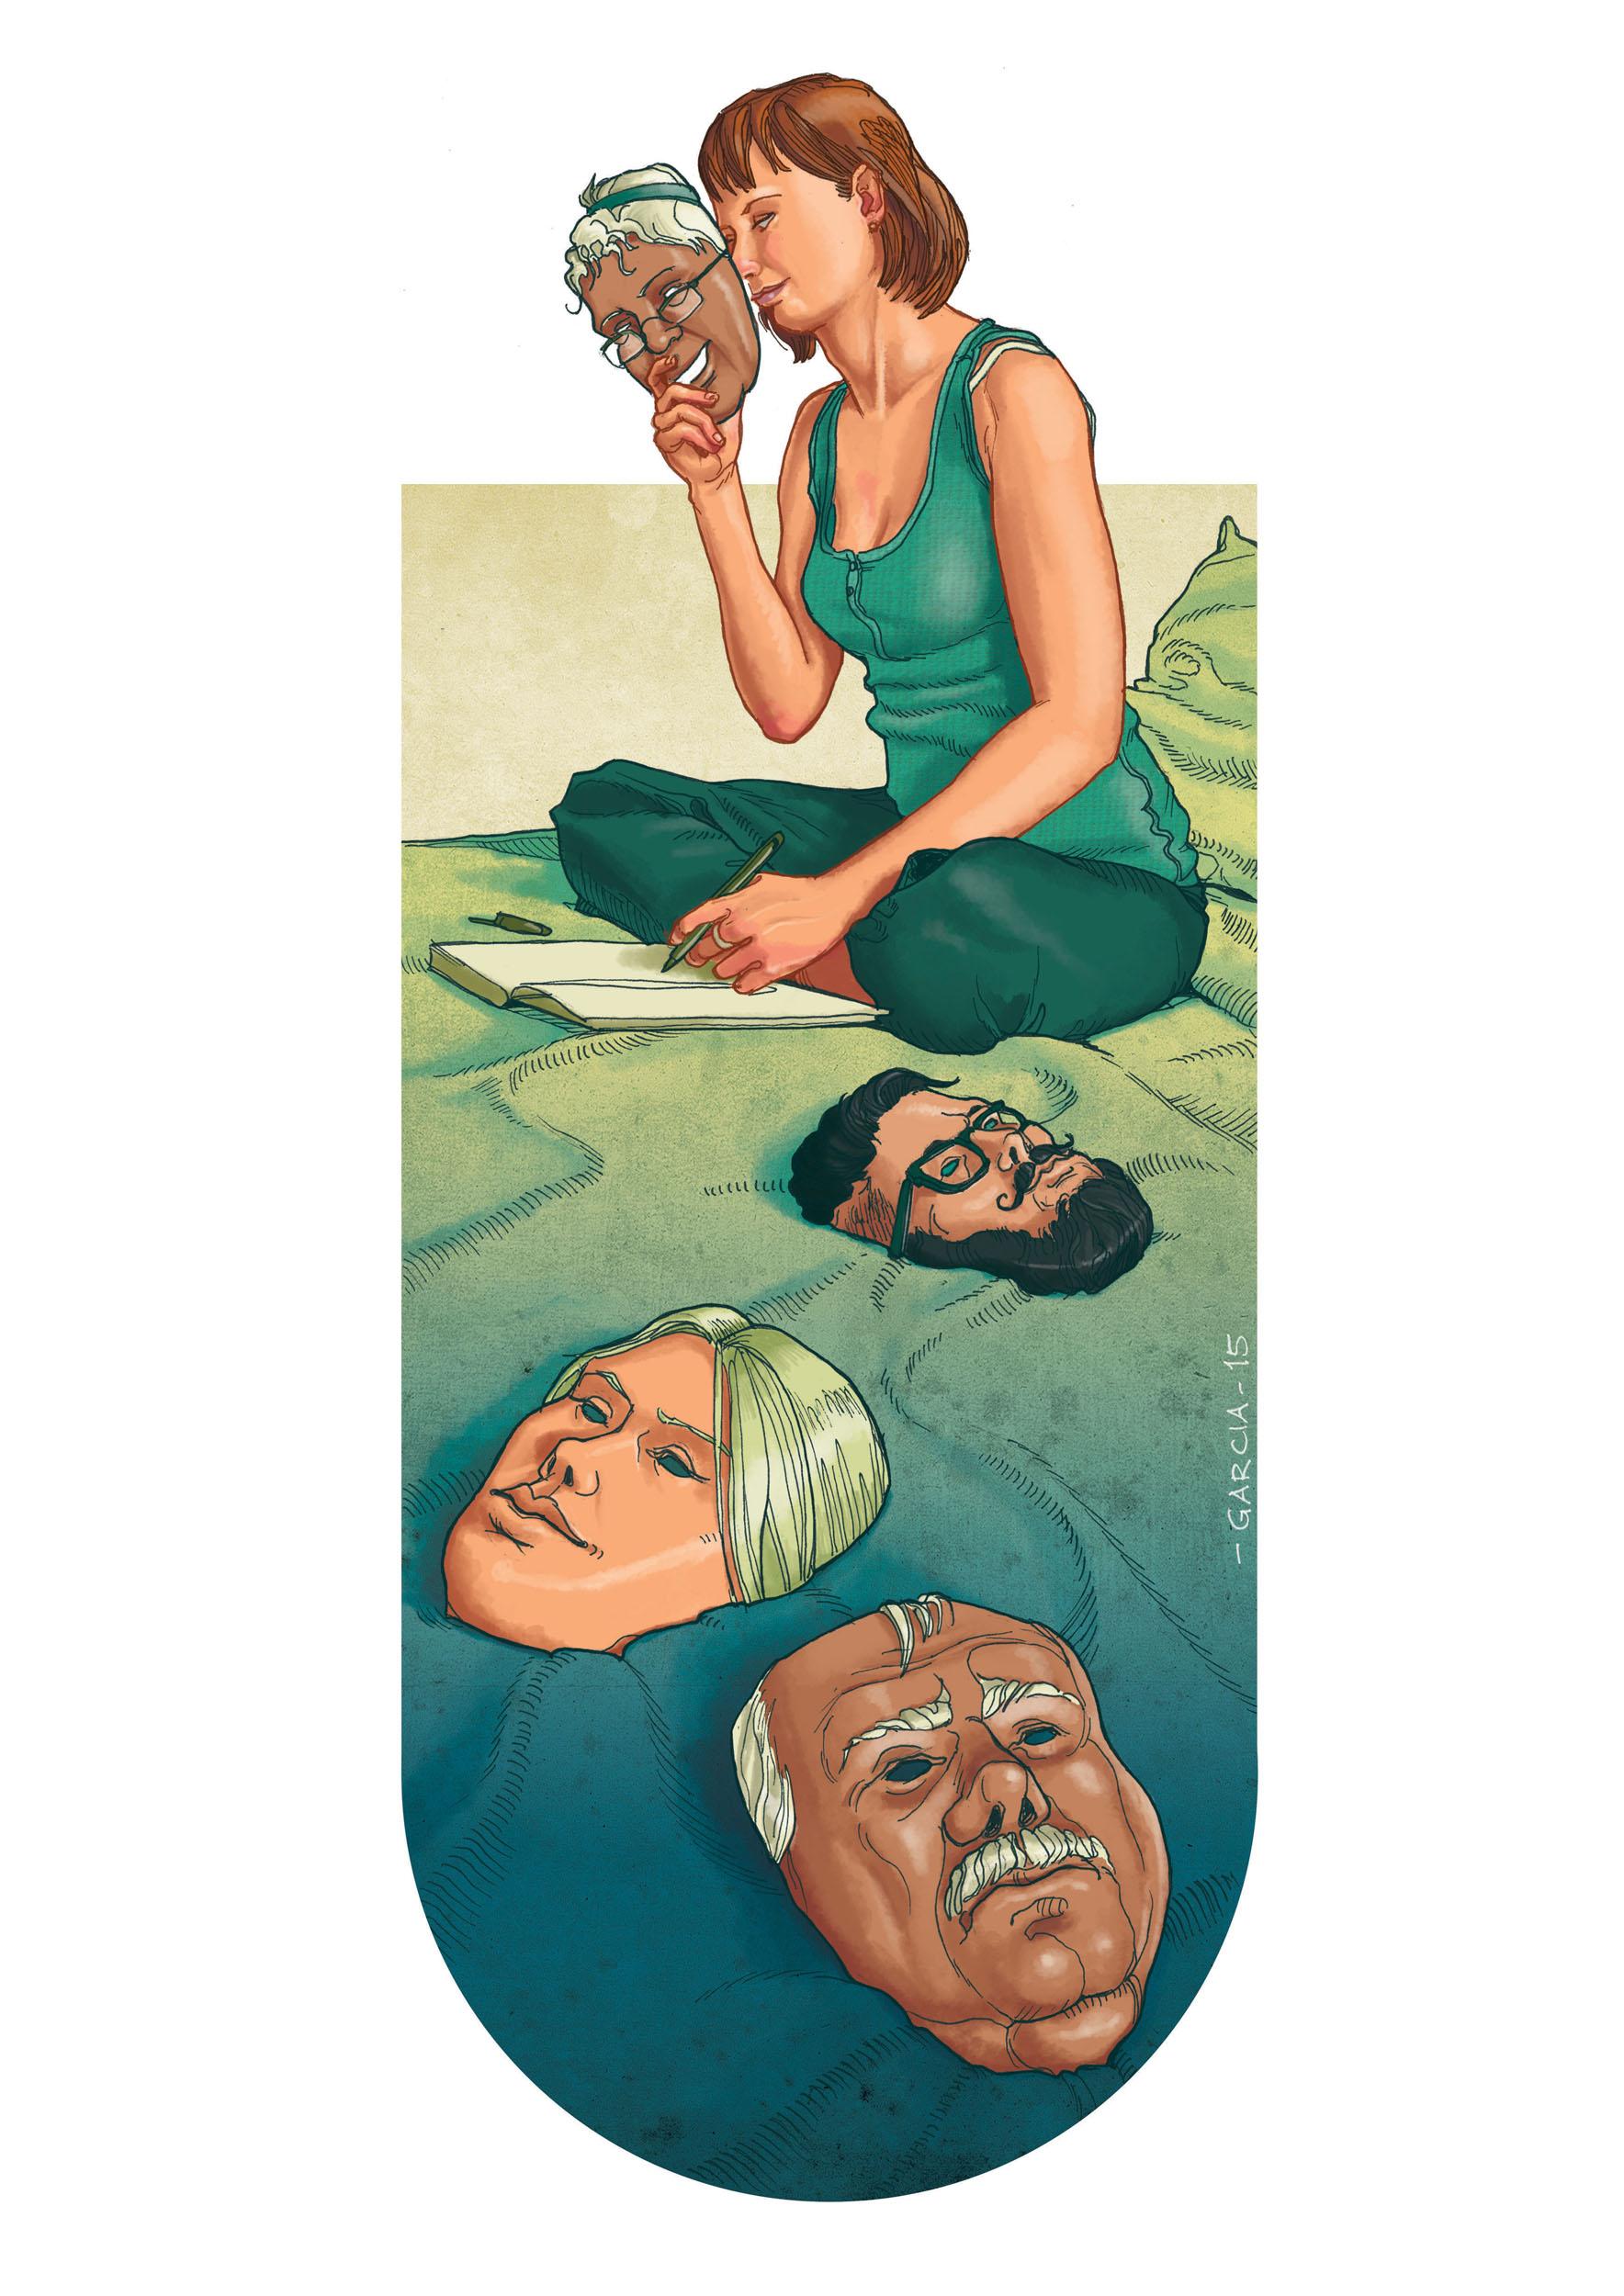 Daniel Garcia Art Illustration Press Freelancer Journalist Dziennikarstwo 01